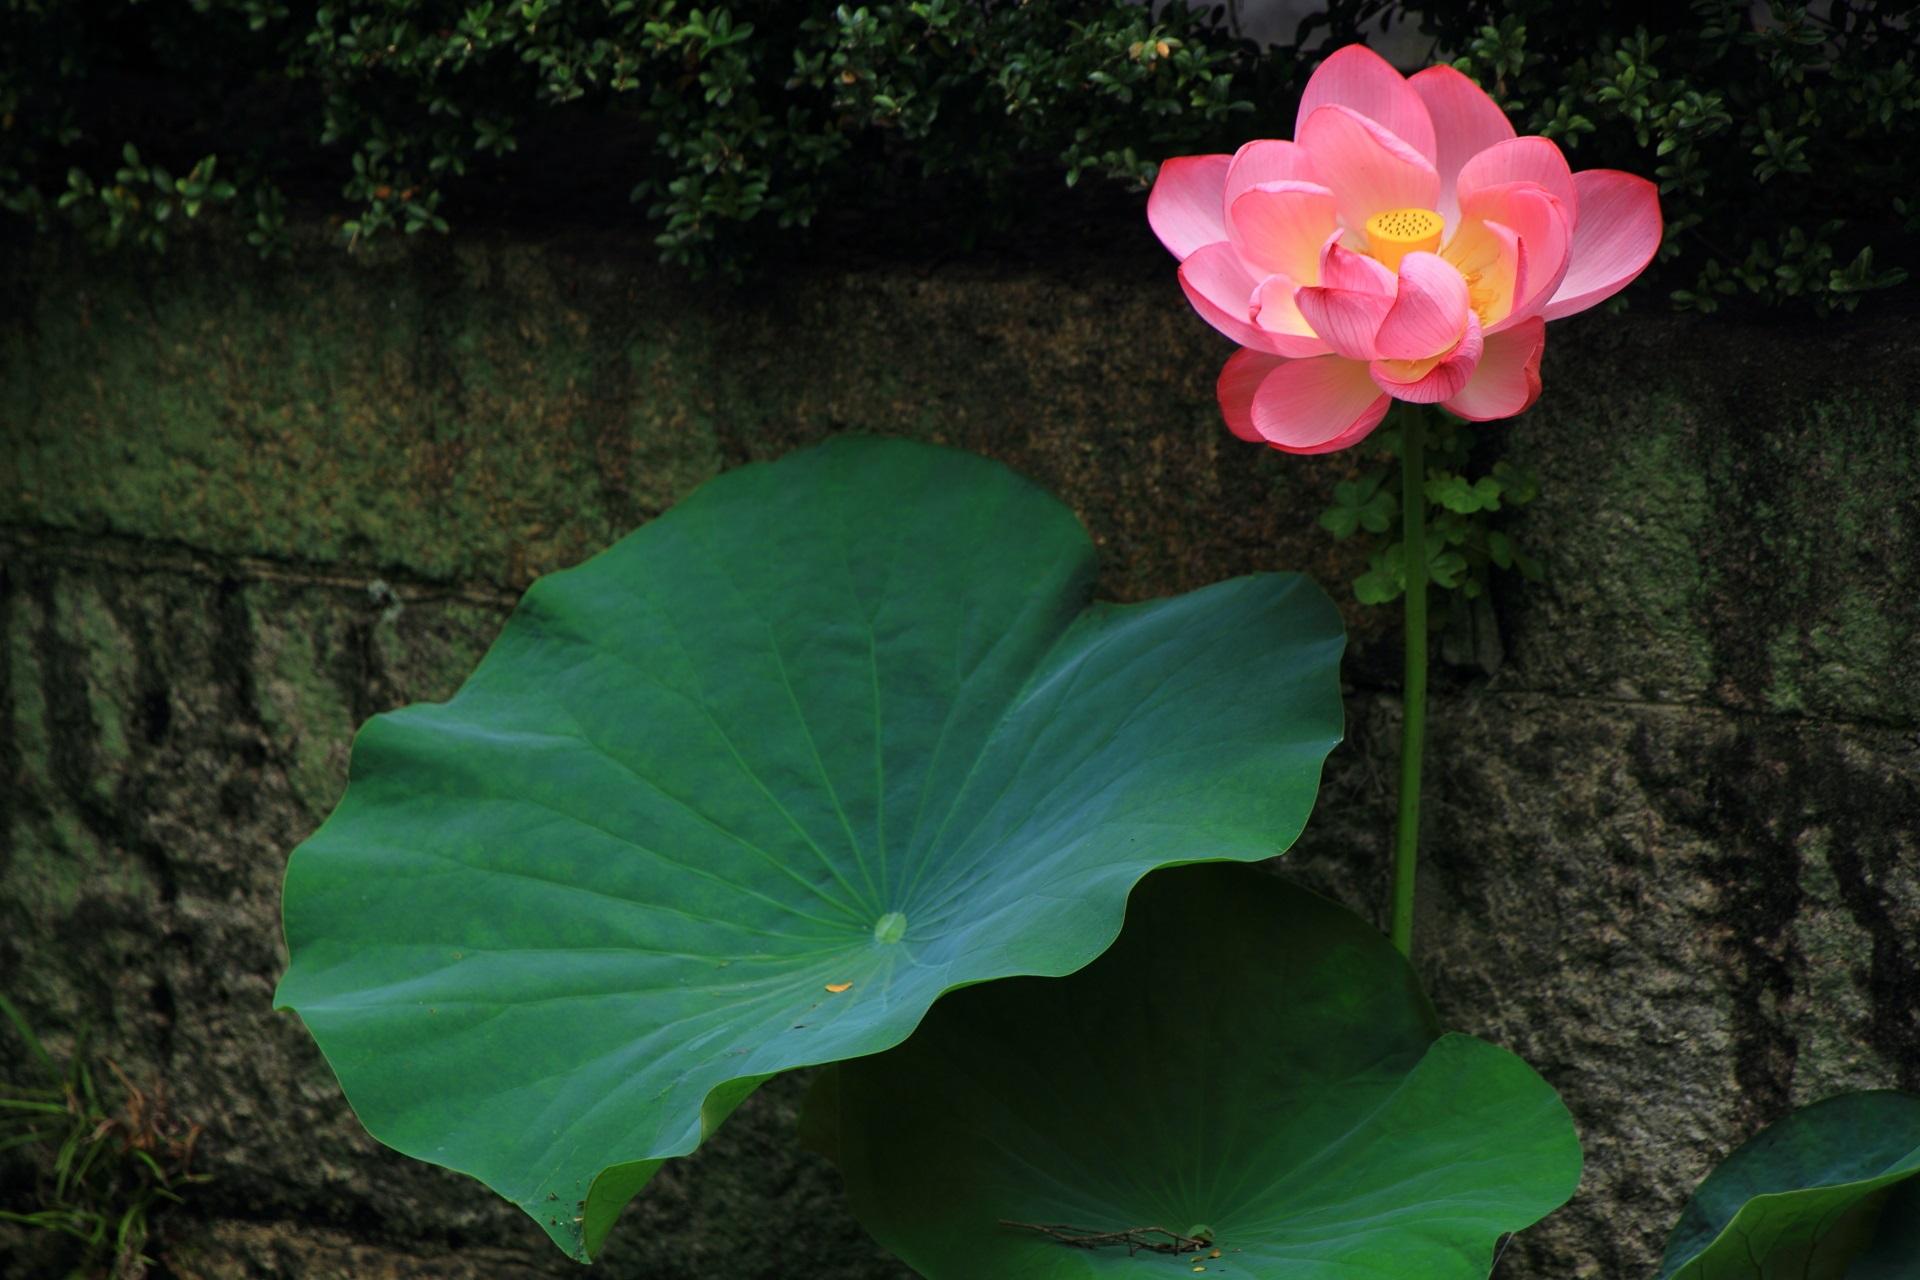 石垣沿いに伸びる立派な蓮の葉と花